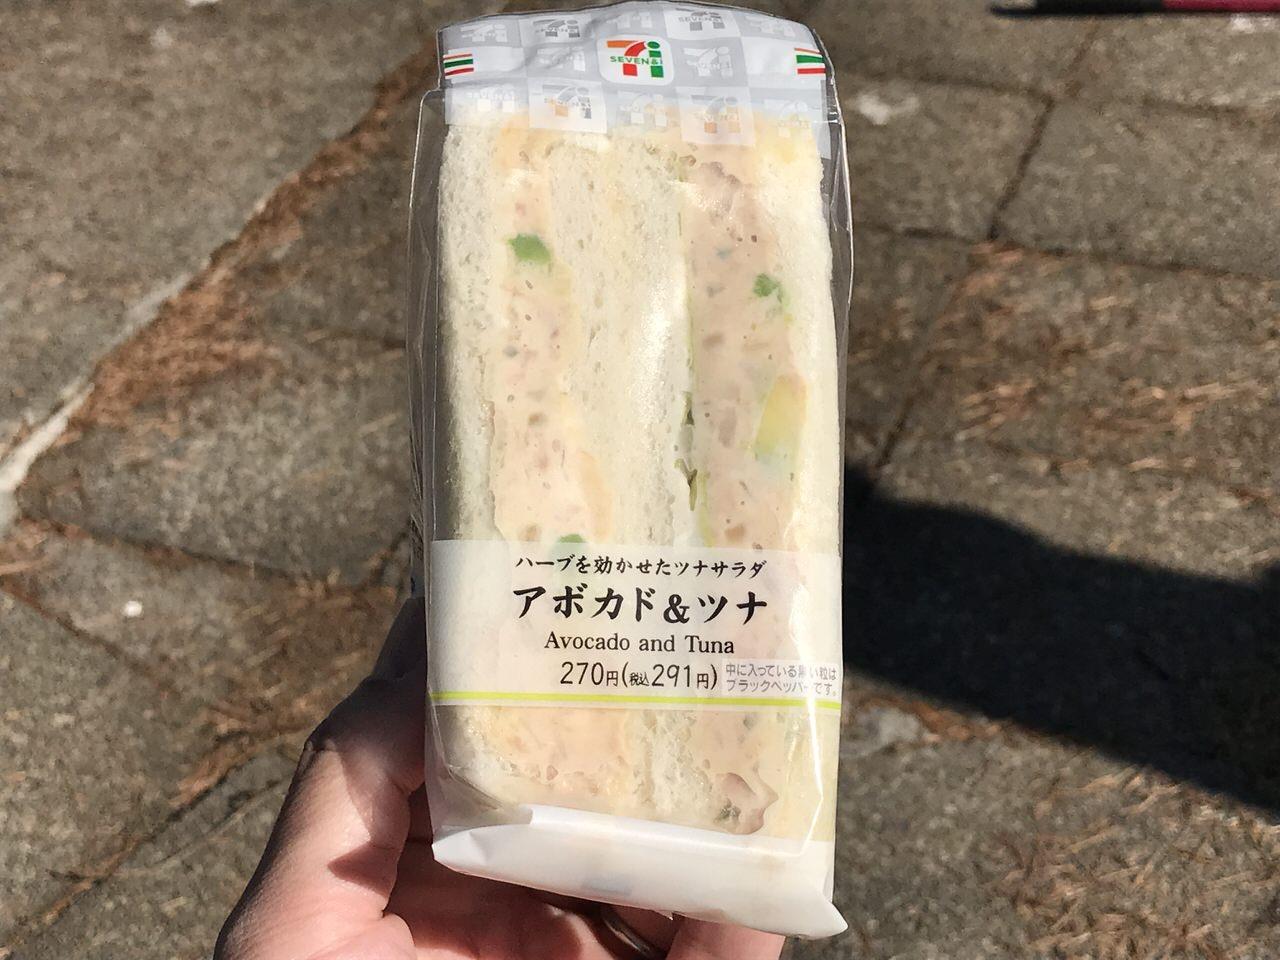 アボカド&ツナ サンドイッチ